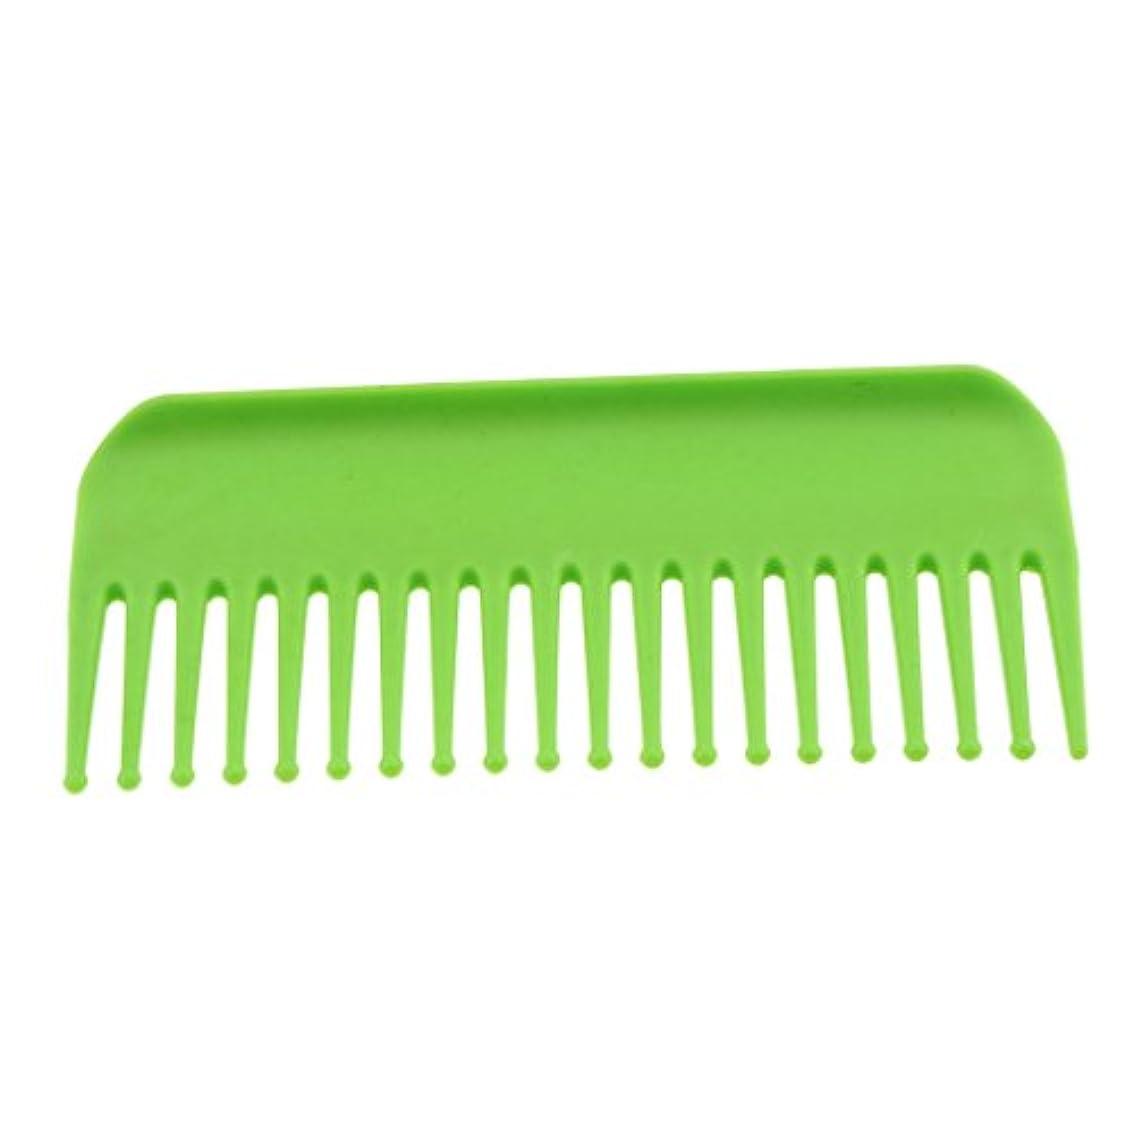 絶滅めまいどう?サロンヘアケア脱毛ヘアコームヘアブラシスタティックワイド - 緑